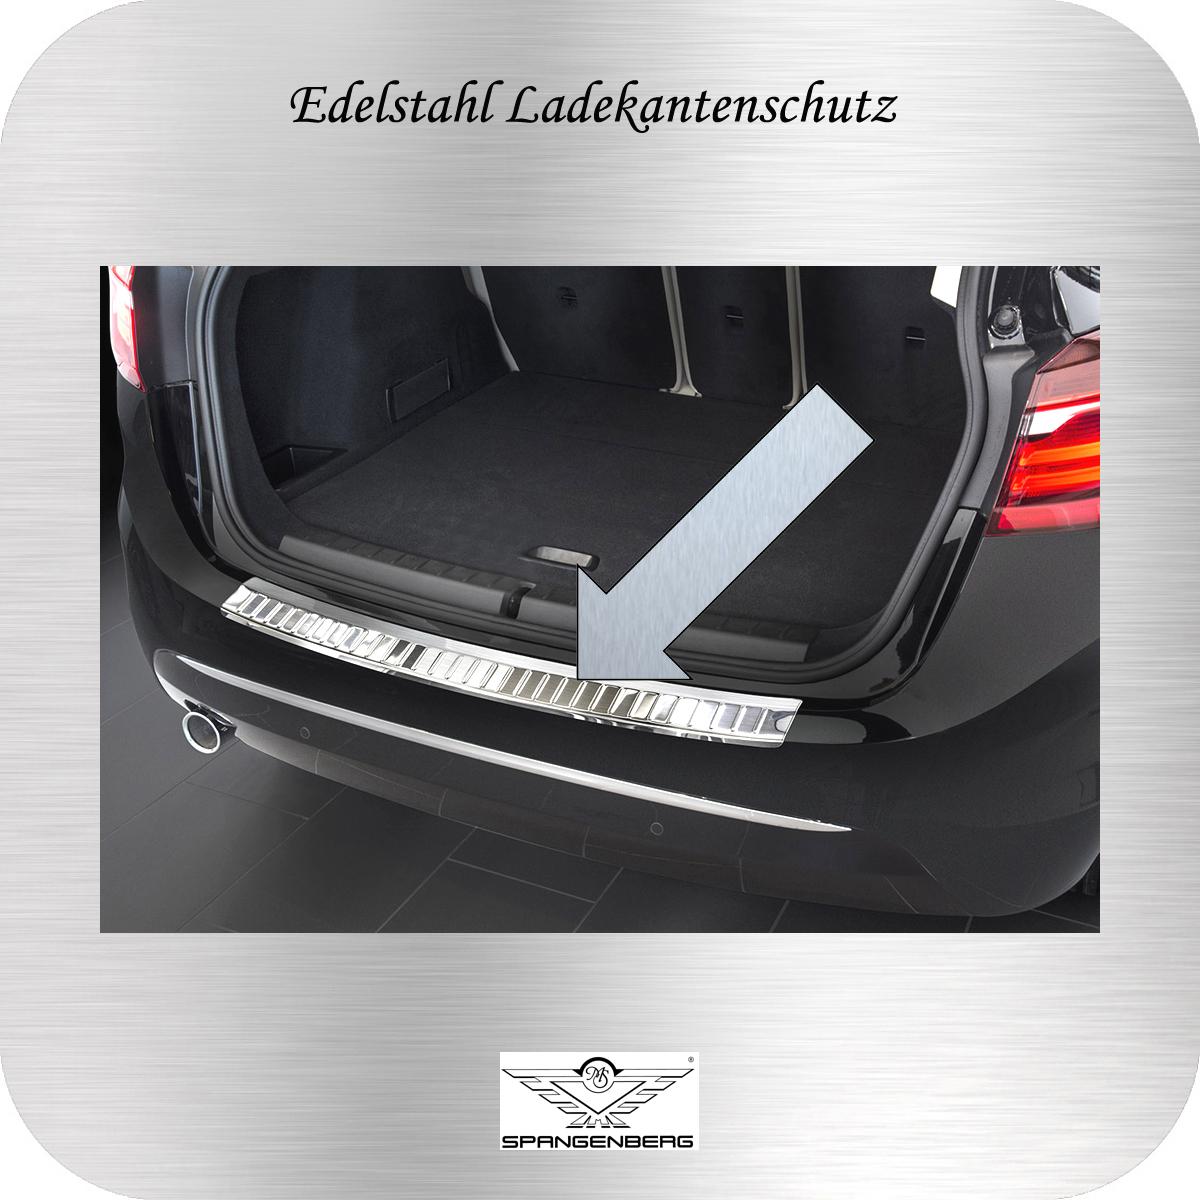 Ladekantenschutz Edelstahl BMW 2er Active Tourer F45 Van 2 Series 2013- 3235081